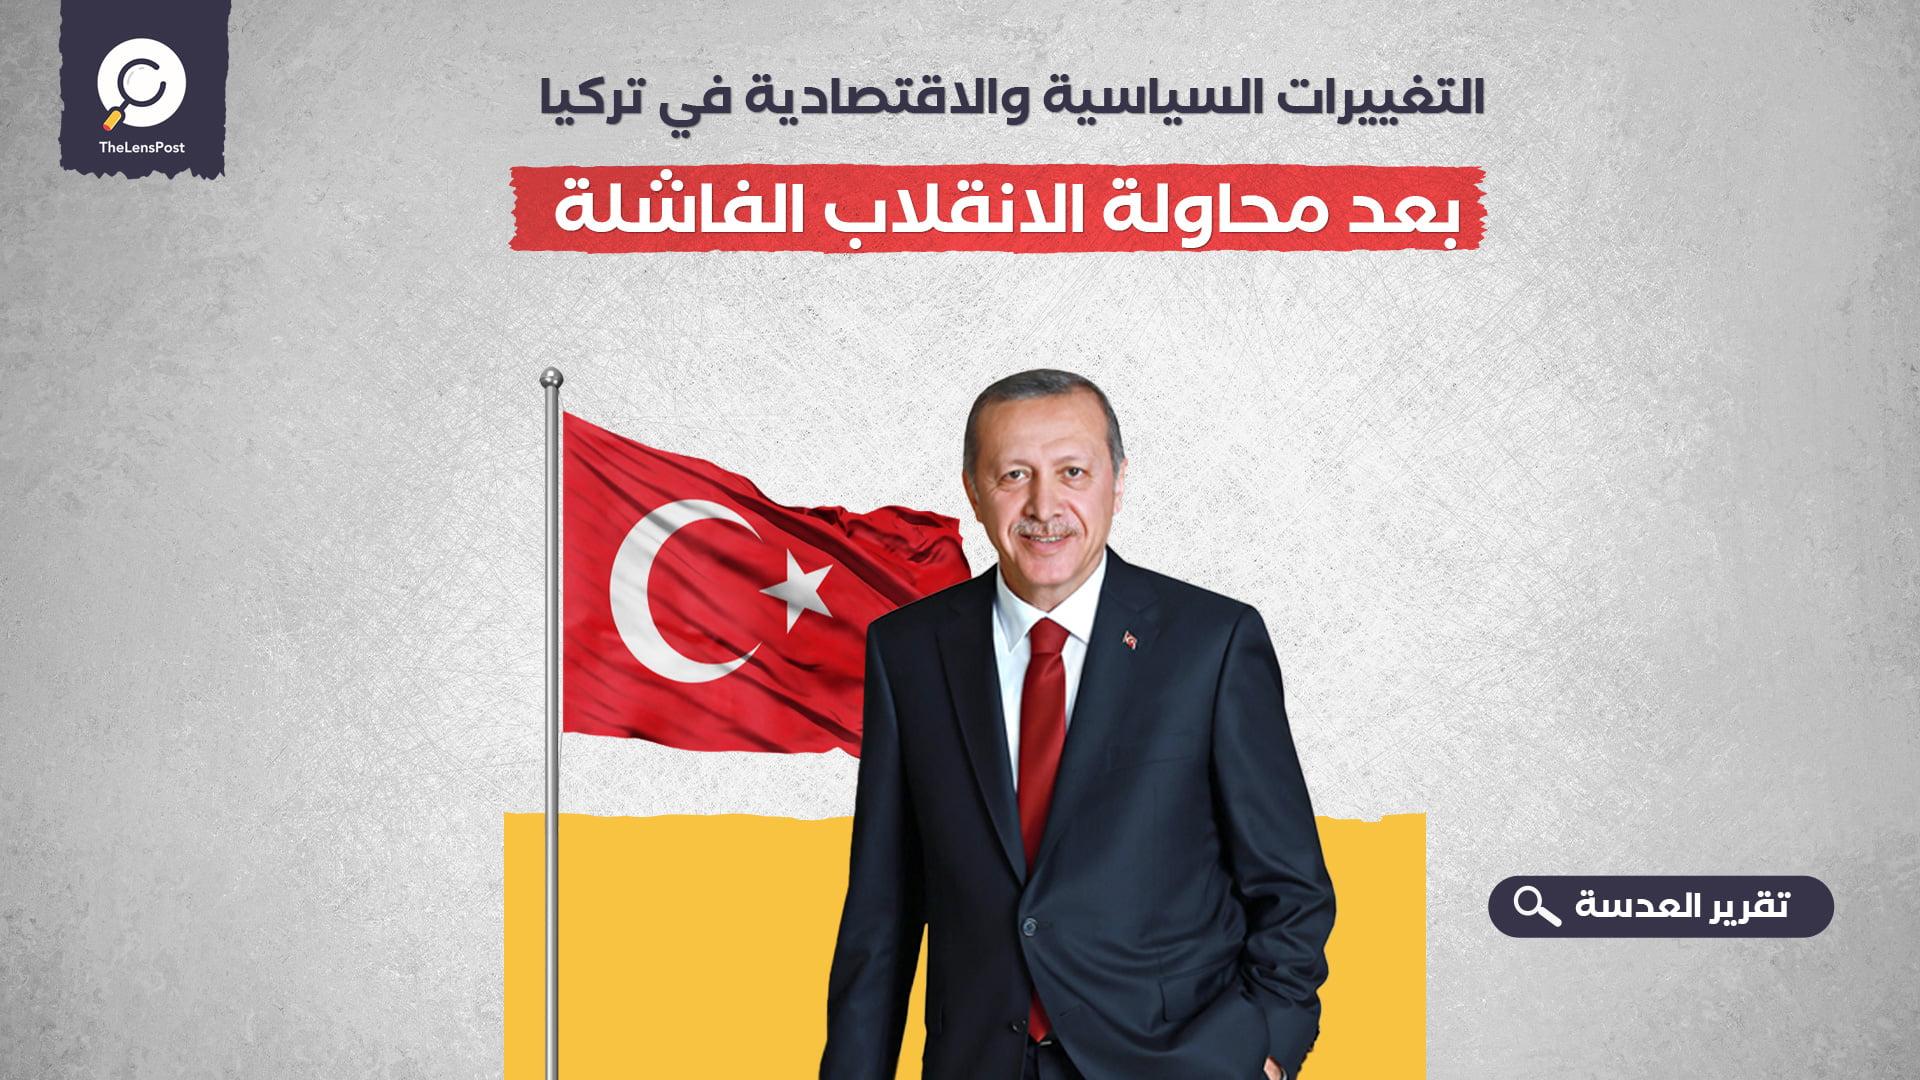 التغييرات السياسية والاقتصادية في تركيا بعد محاولة الانقلاب الفاشلة